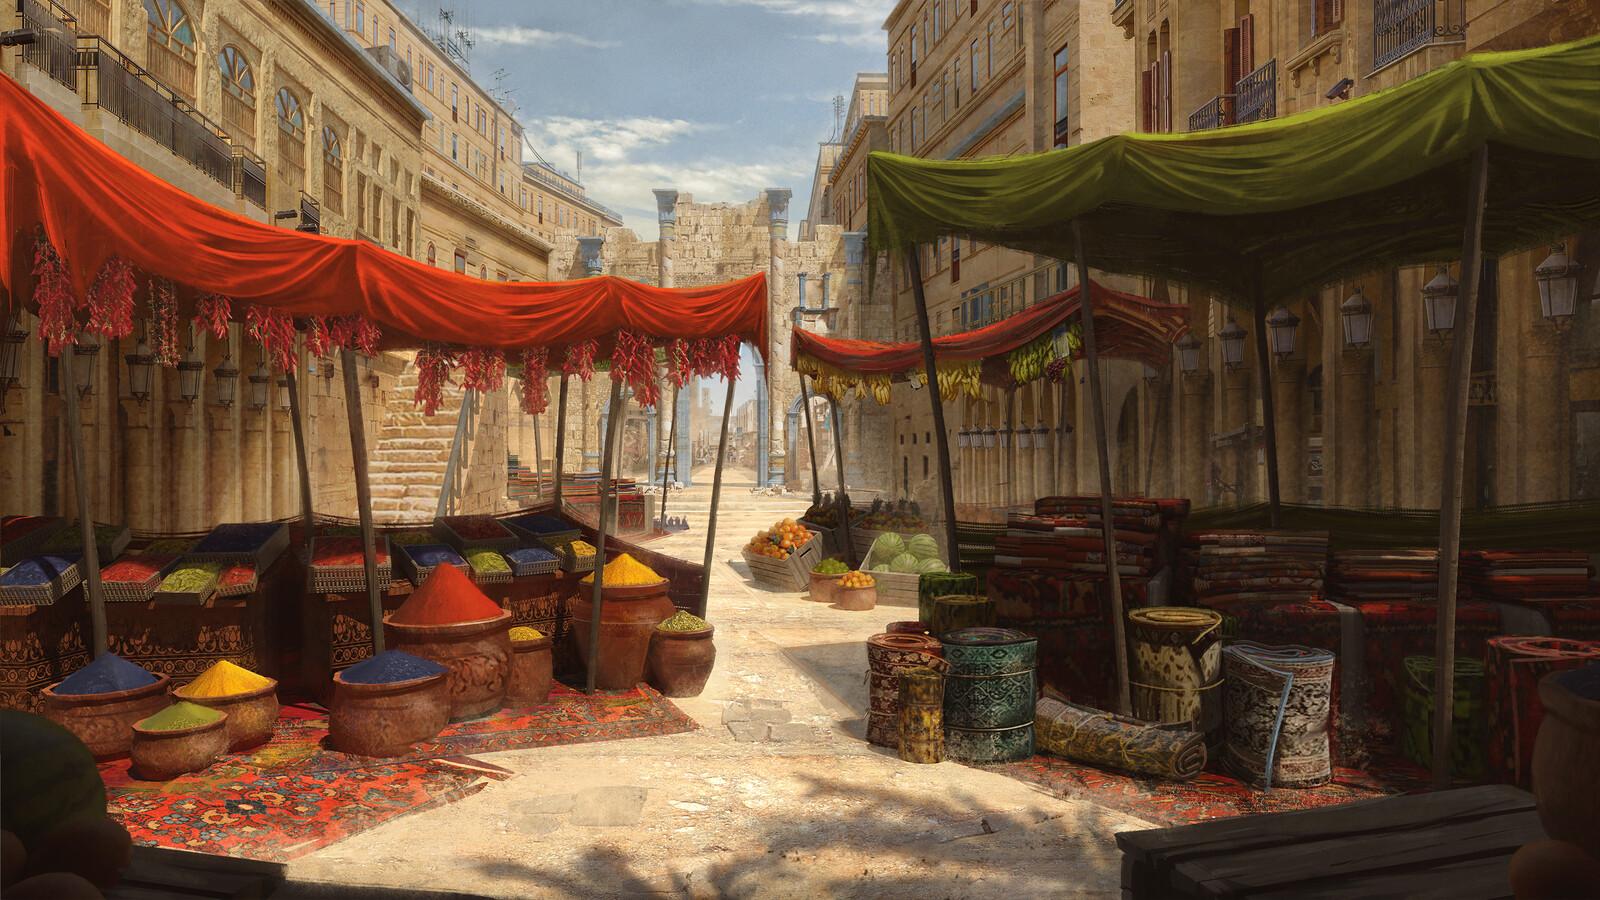 Middle eastern market stalls